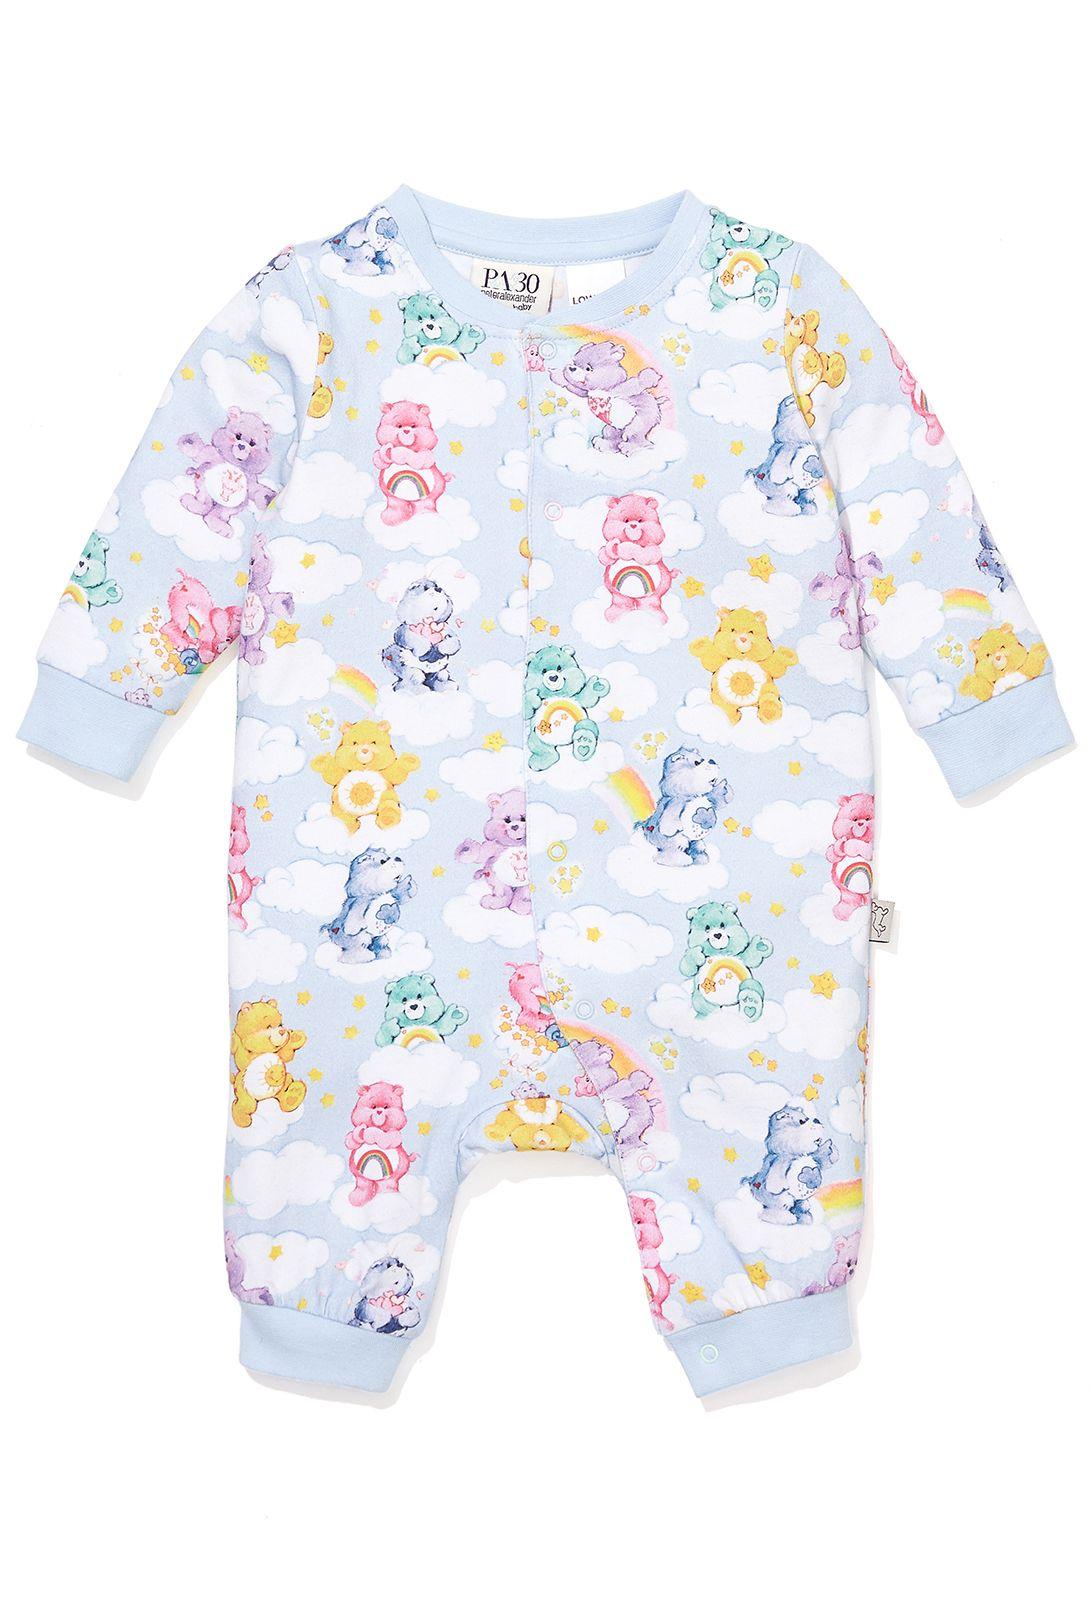 957815777de6e Image for Baby Unisex Care Bear Onesie from Peter Alexander | Rainn ...